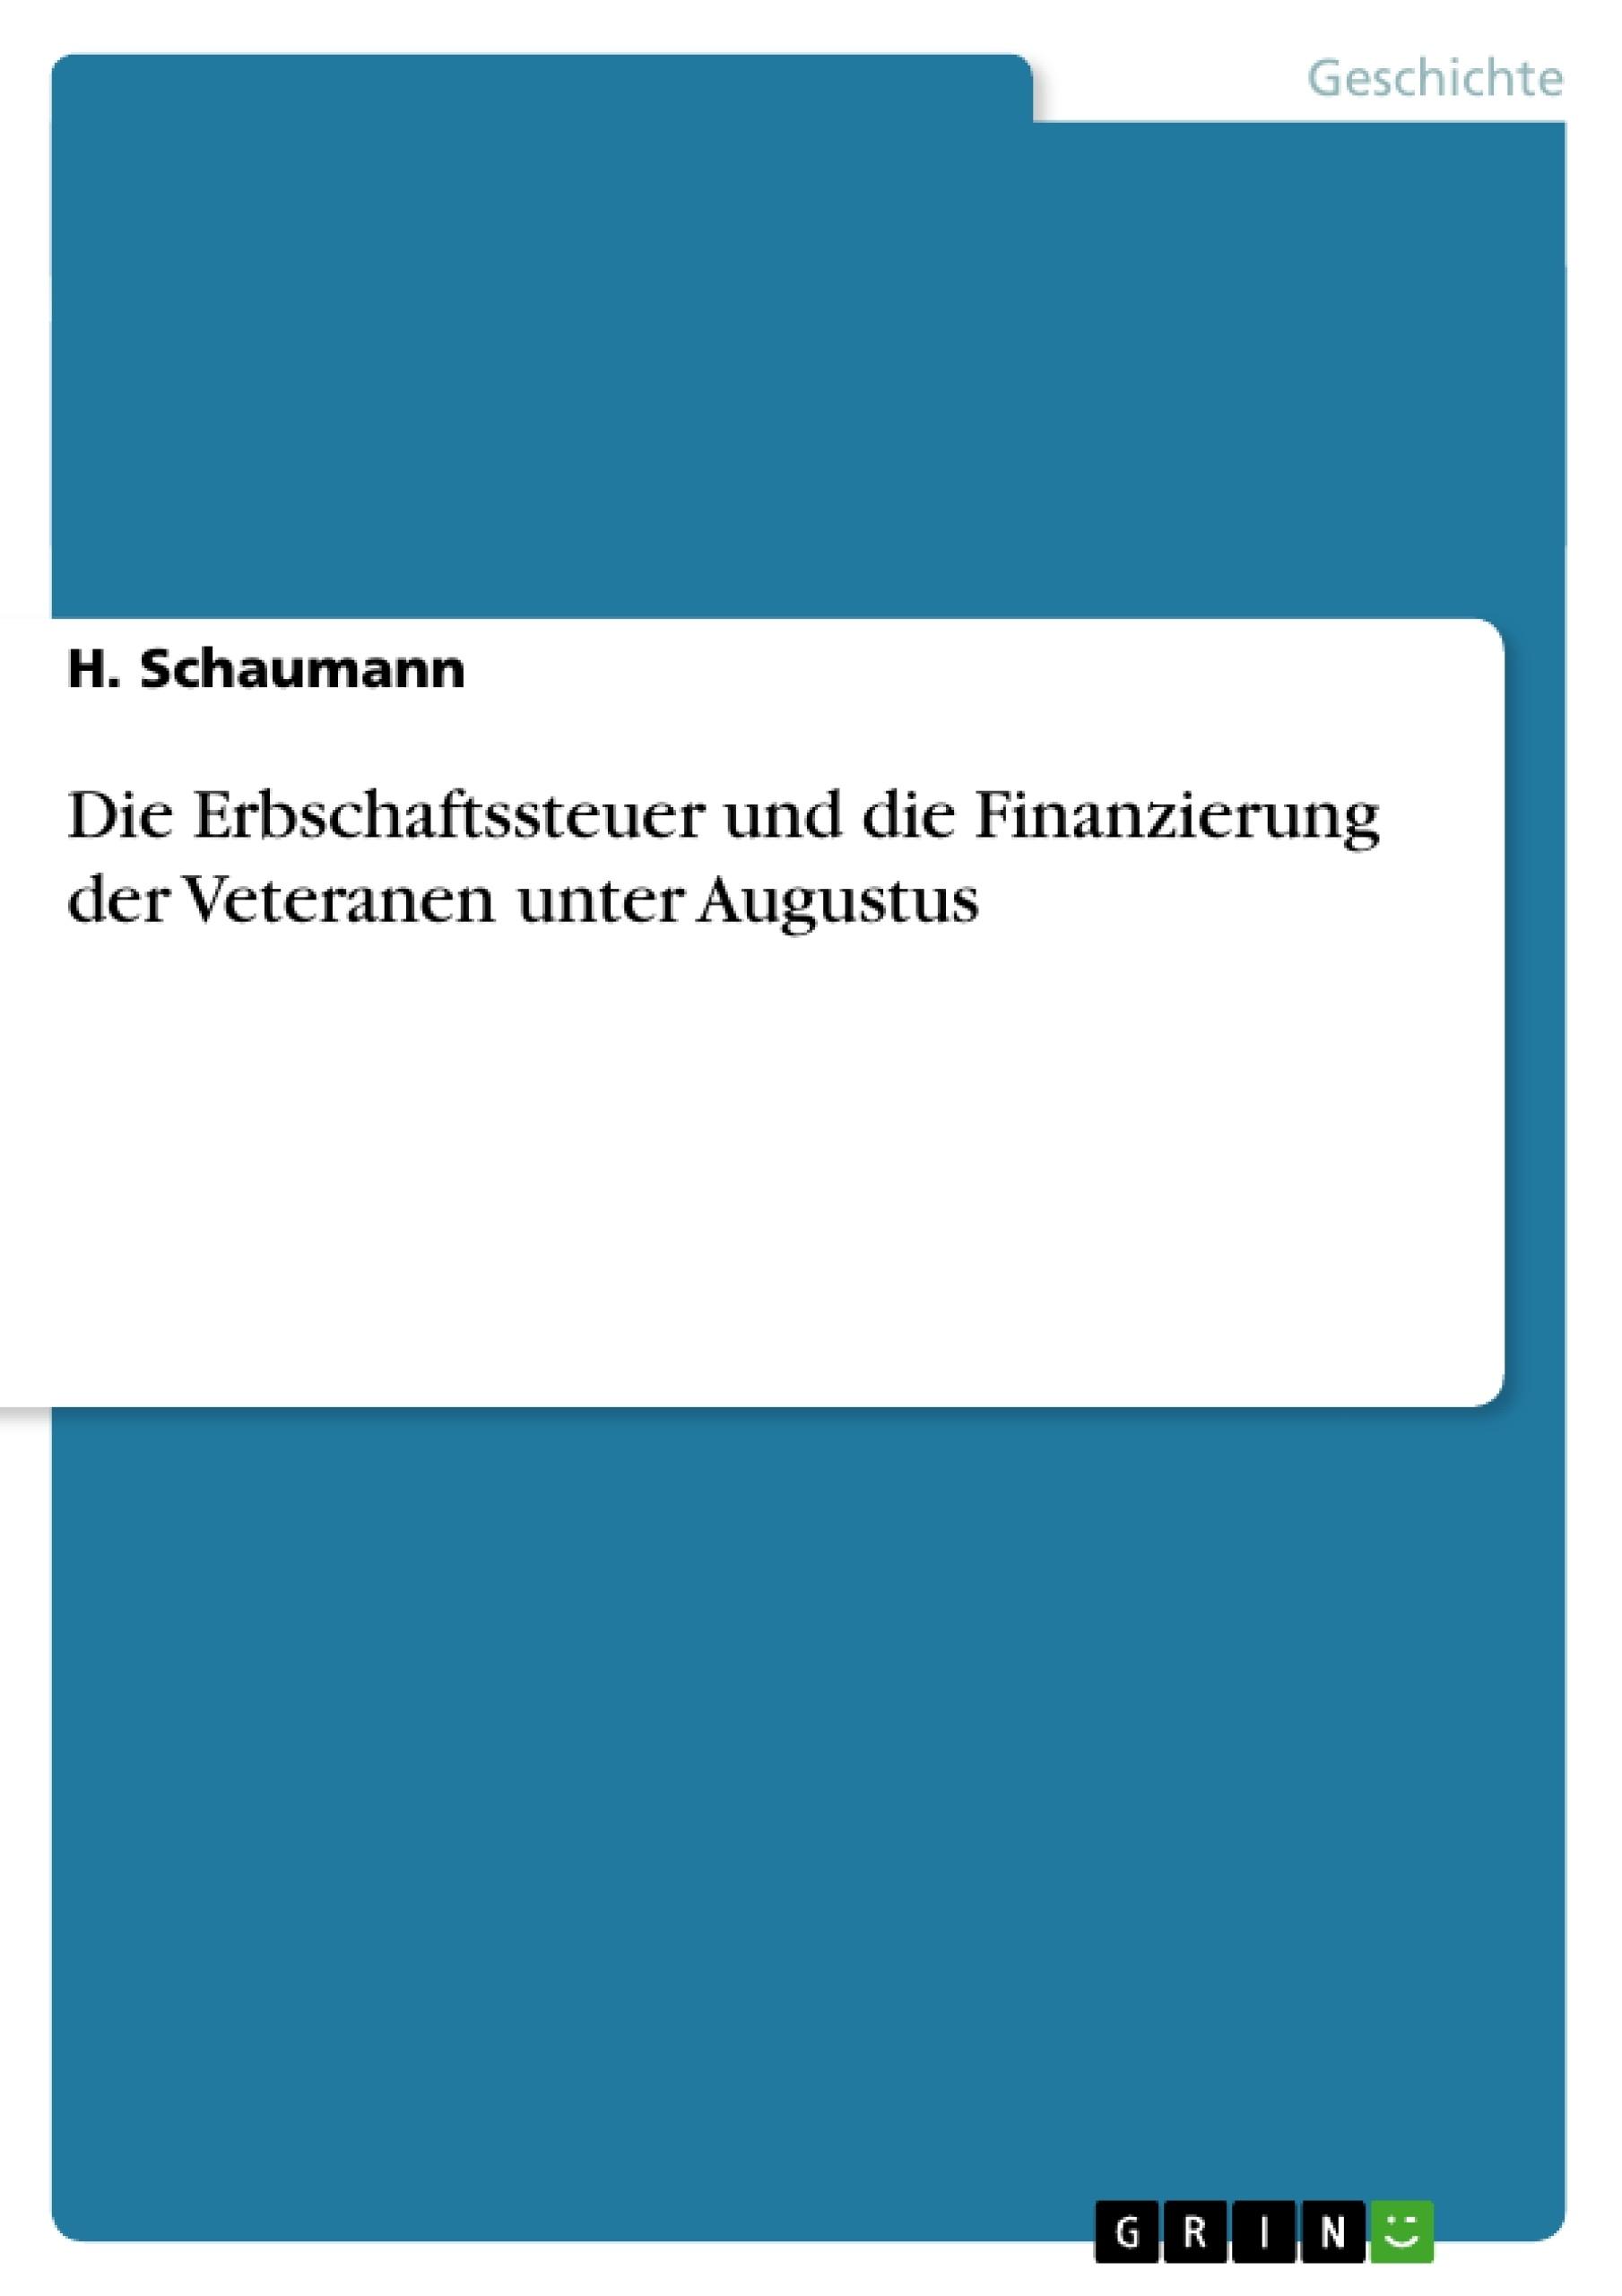 Titel: Die Erbschaftssteuer und die Finanzierung der Veteranen unter Augustus